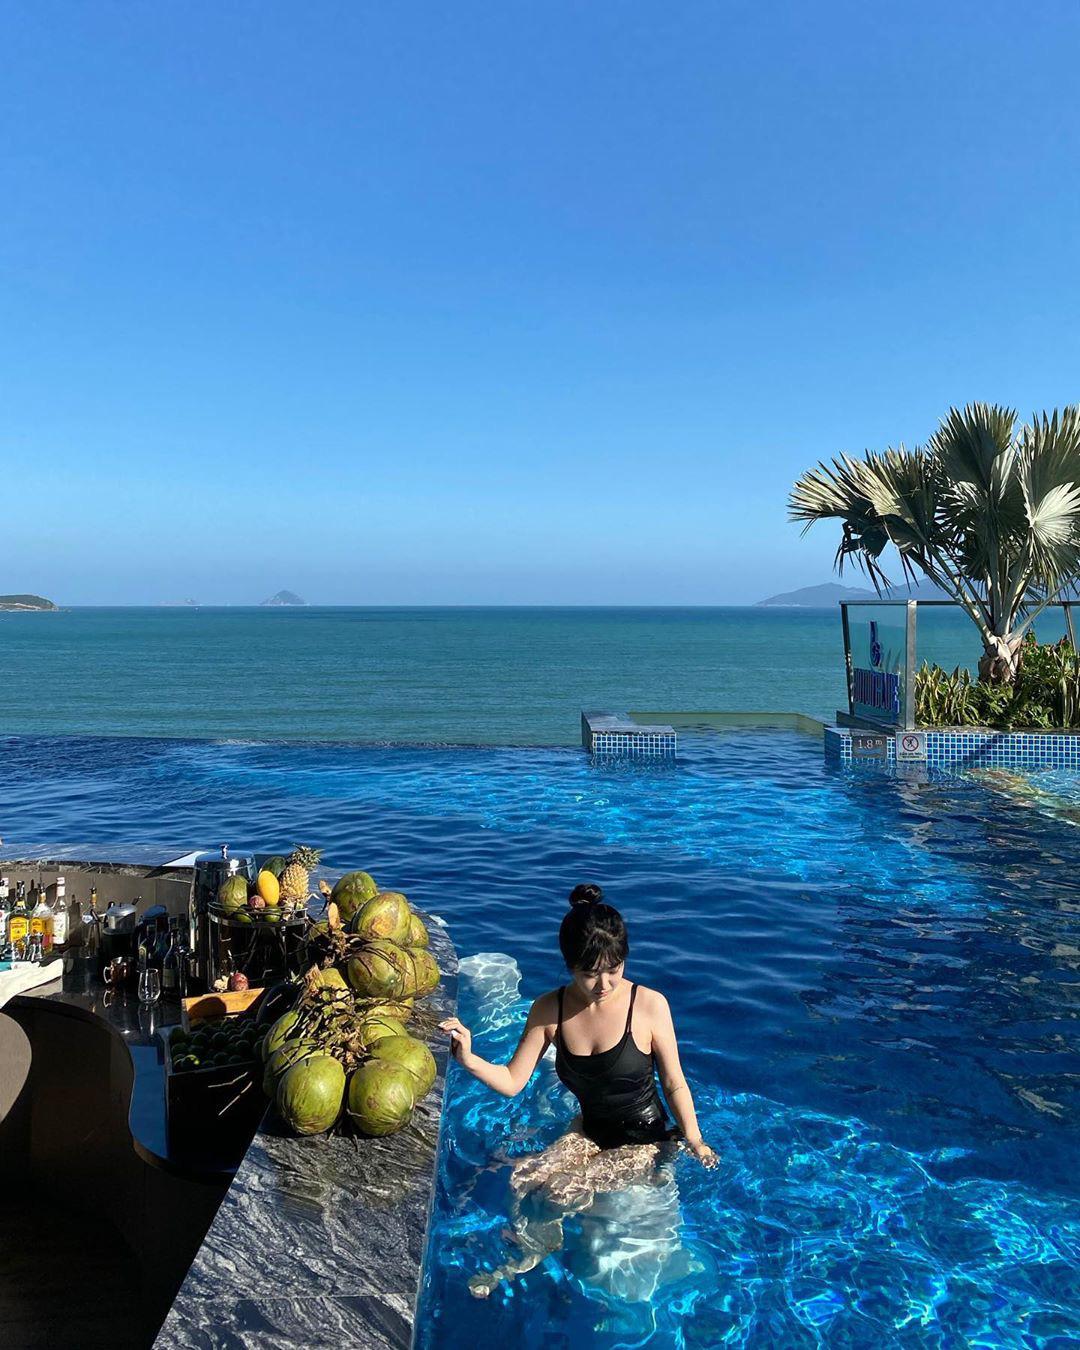 4 khách sạn 5 sao đáng ở nhất khi tới Nha Trang: Hồ bơi vô cực view tầng cao sang chảnh, giá còn giảm tới 50%! - Ảnh 5.